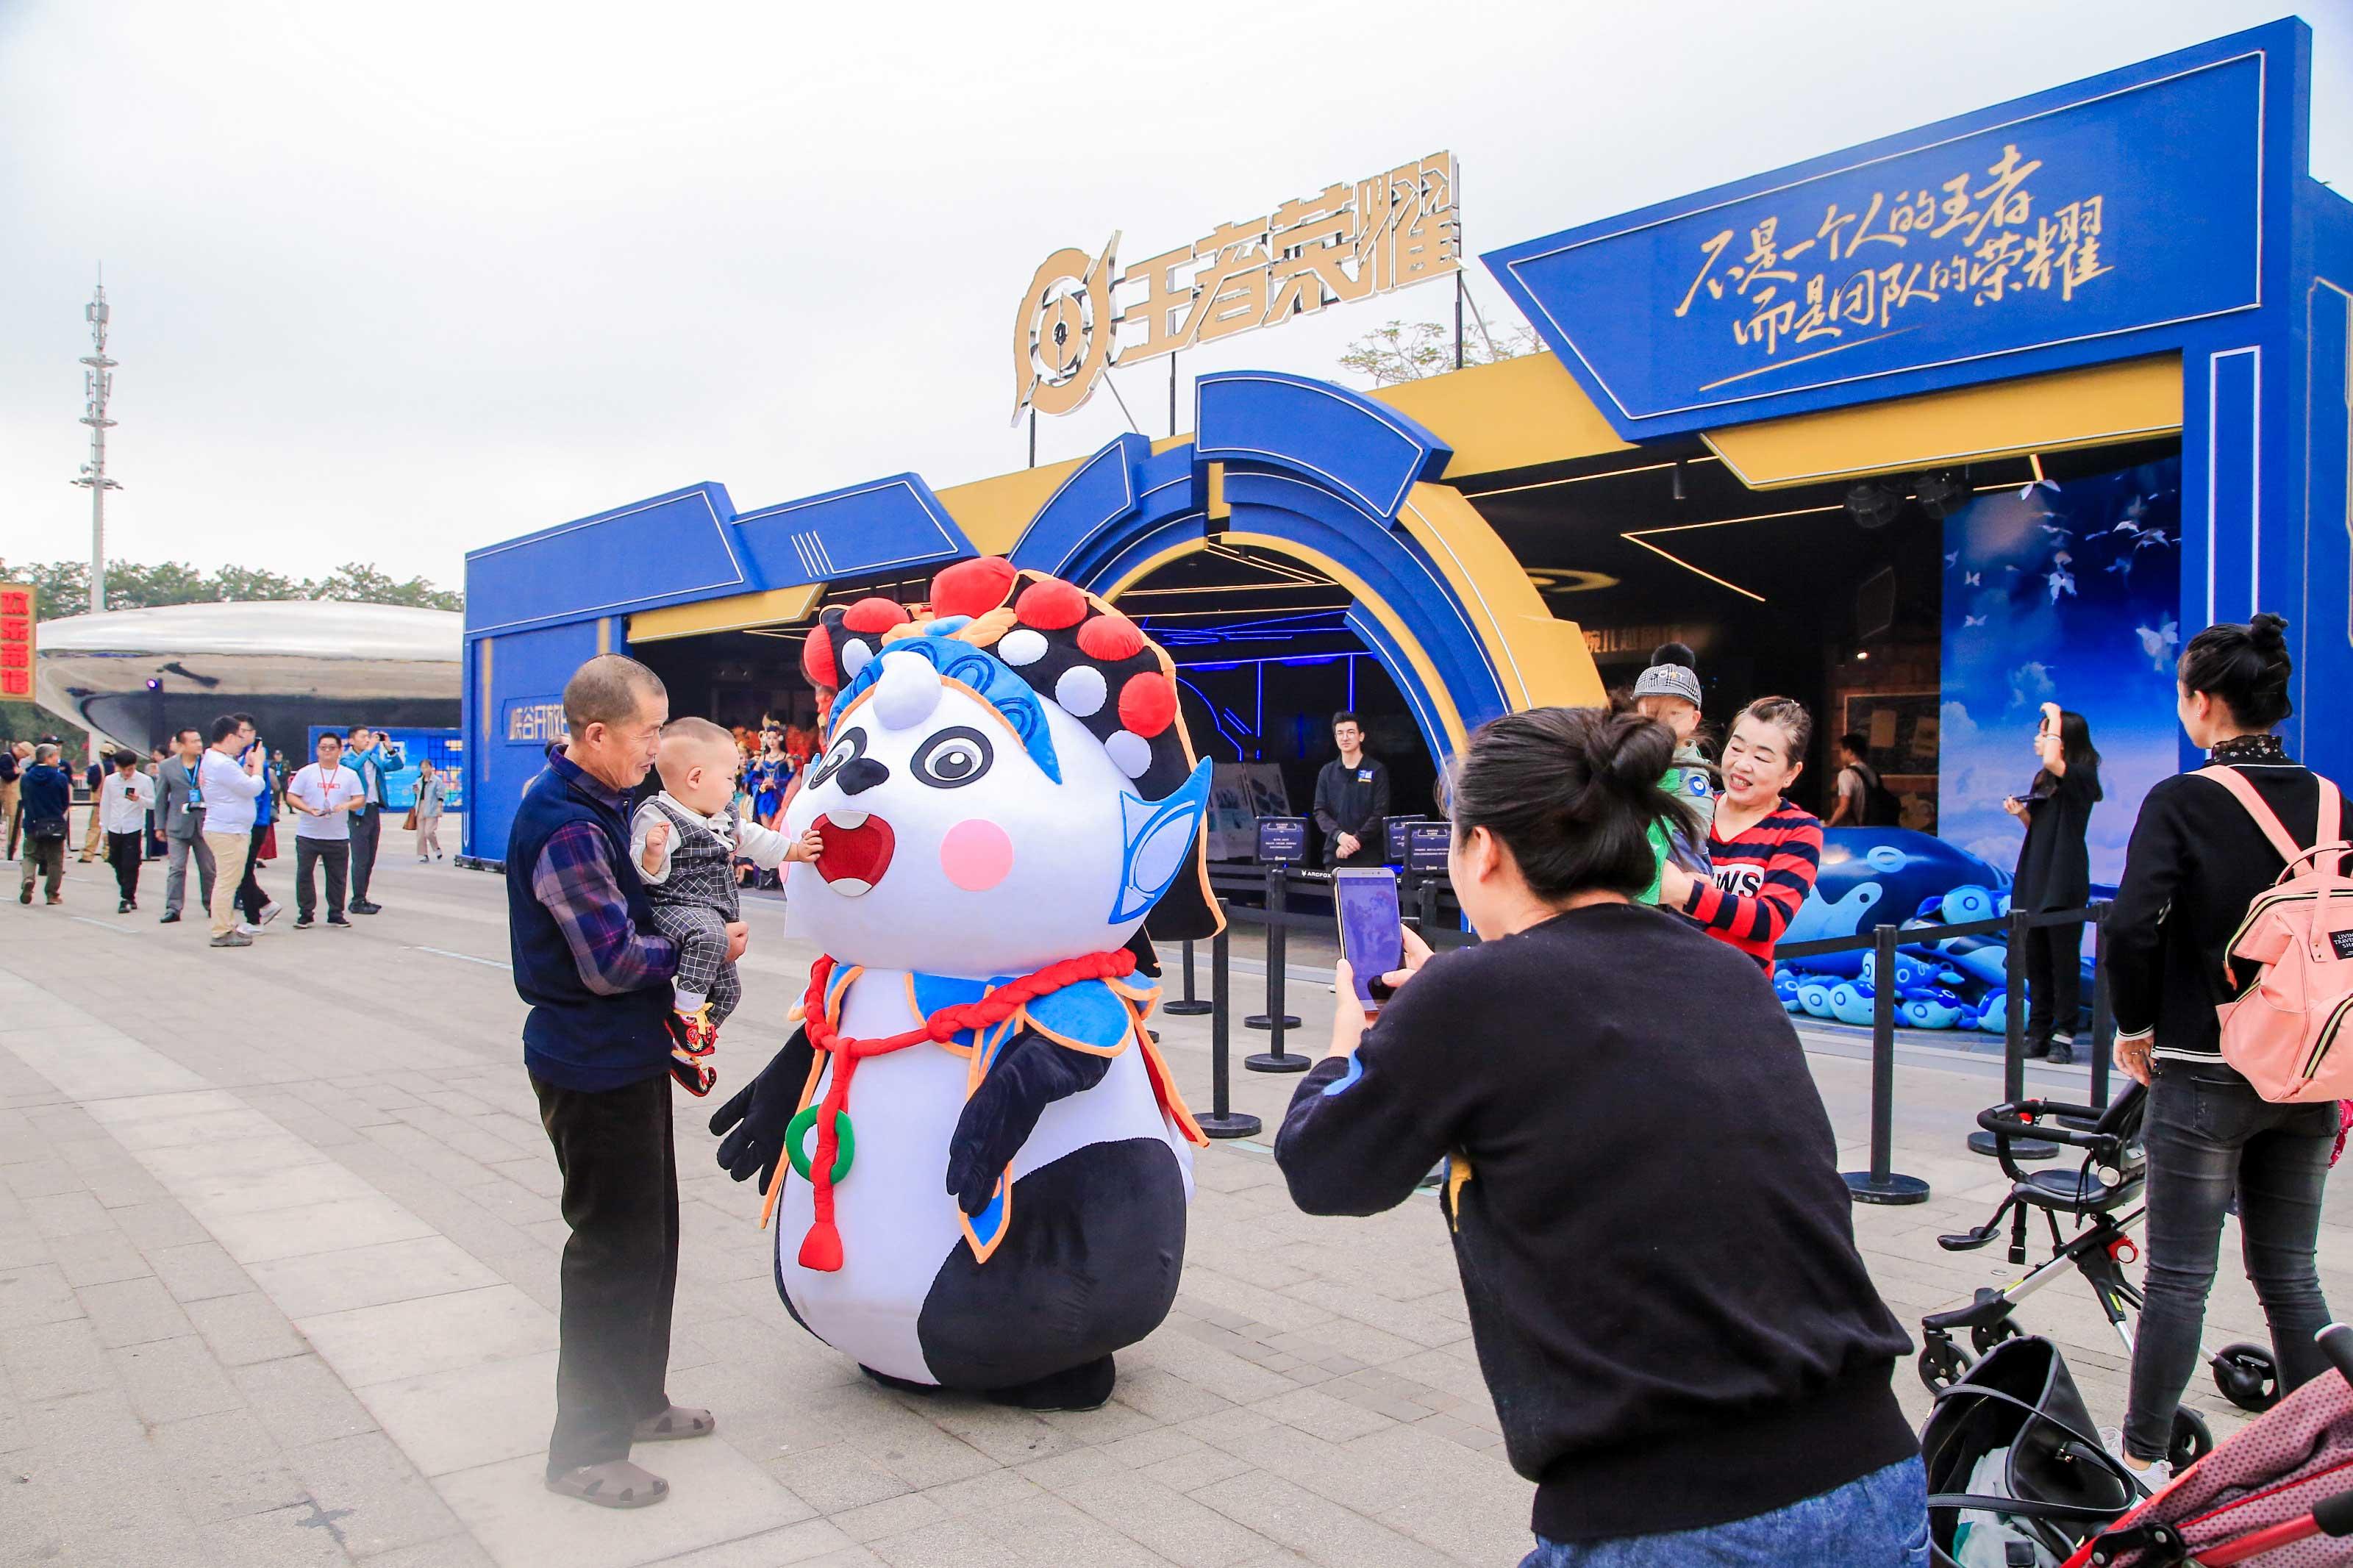 """王者荣耀TGC""""峡谷开放日""""落地海南,数字文化赋予城市名片新风貌"""